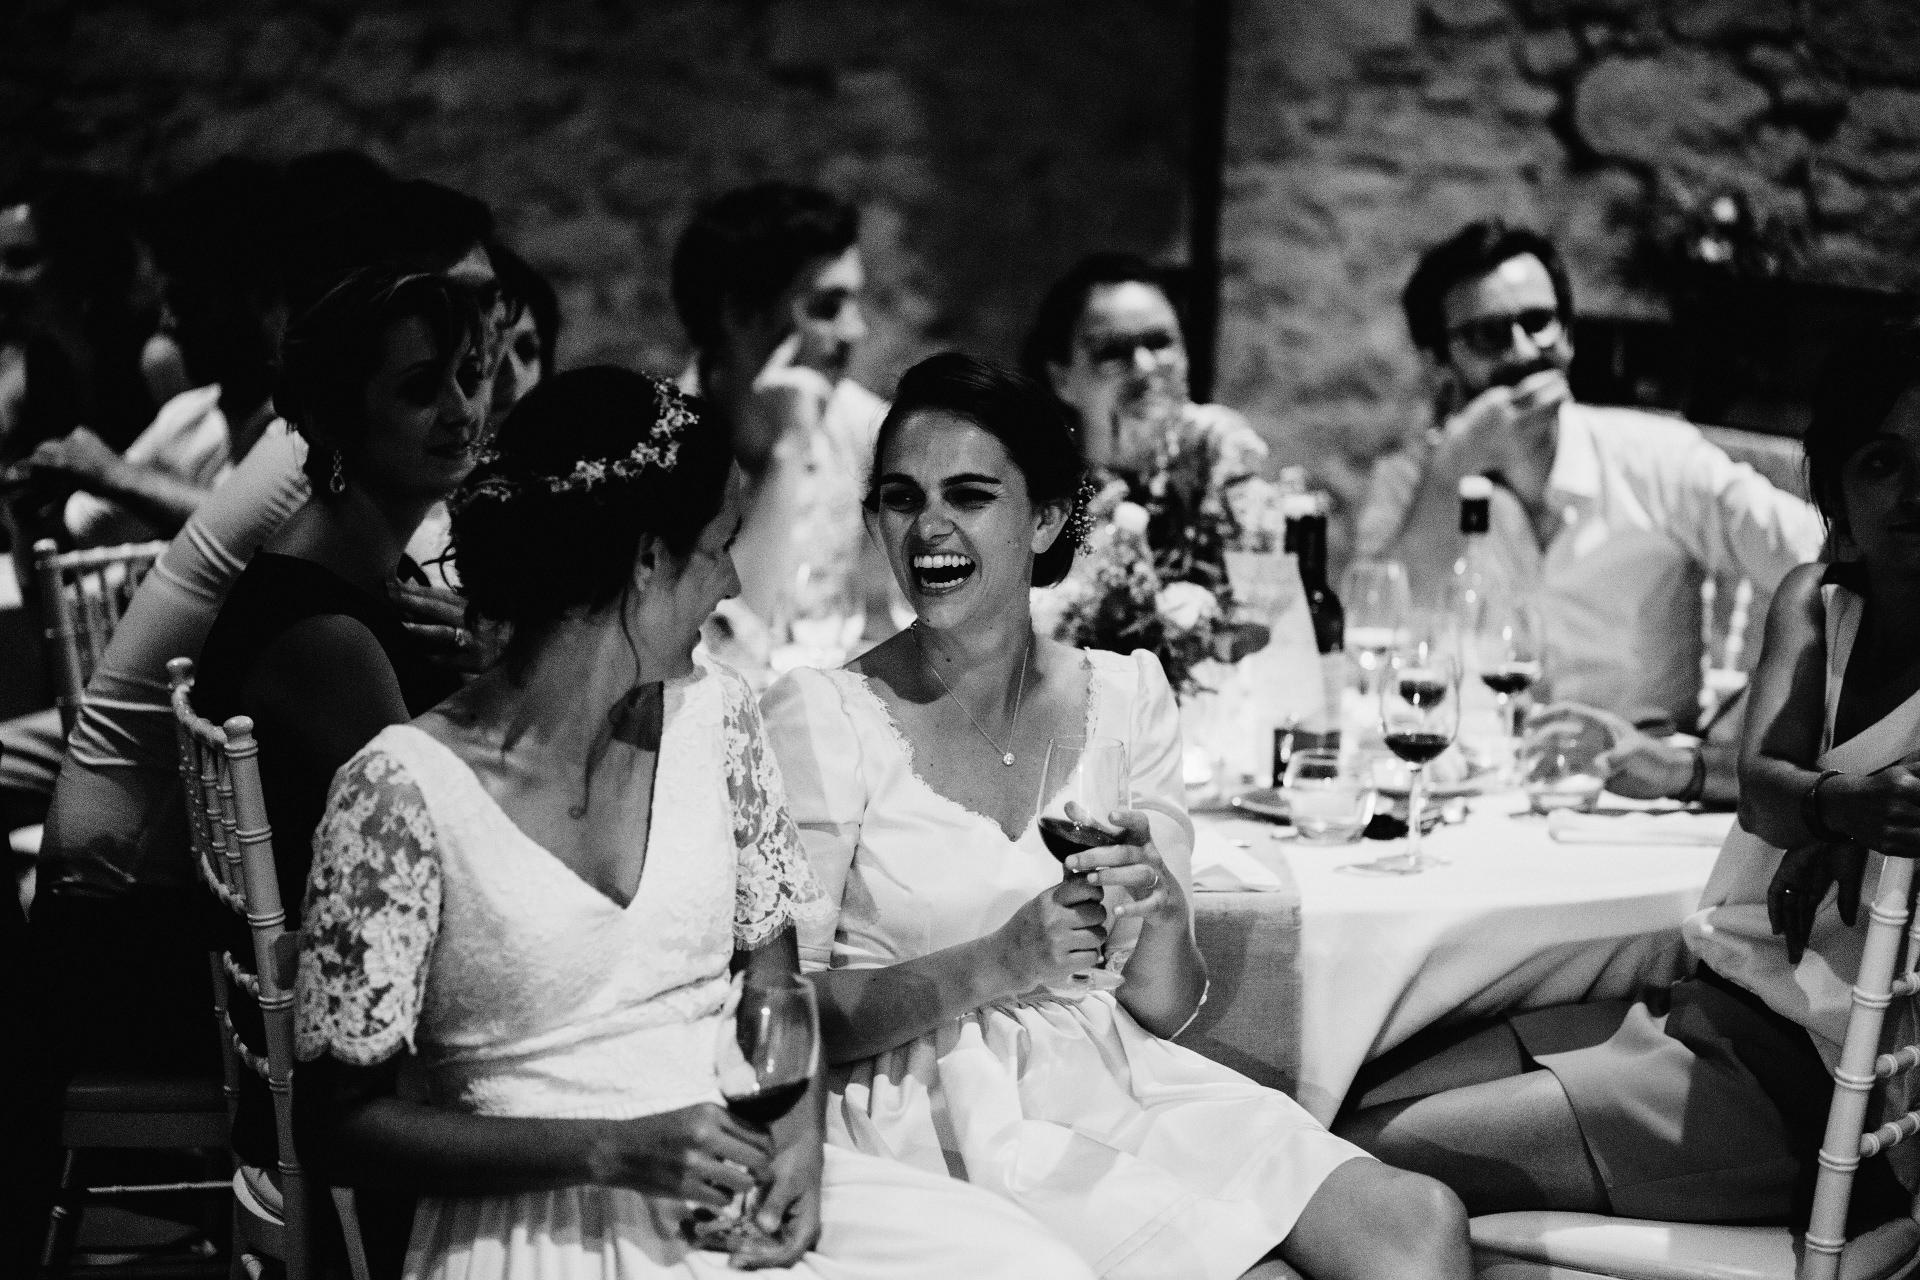 photographe-mariage-bordeaux-69.jpg